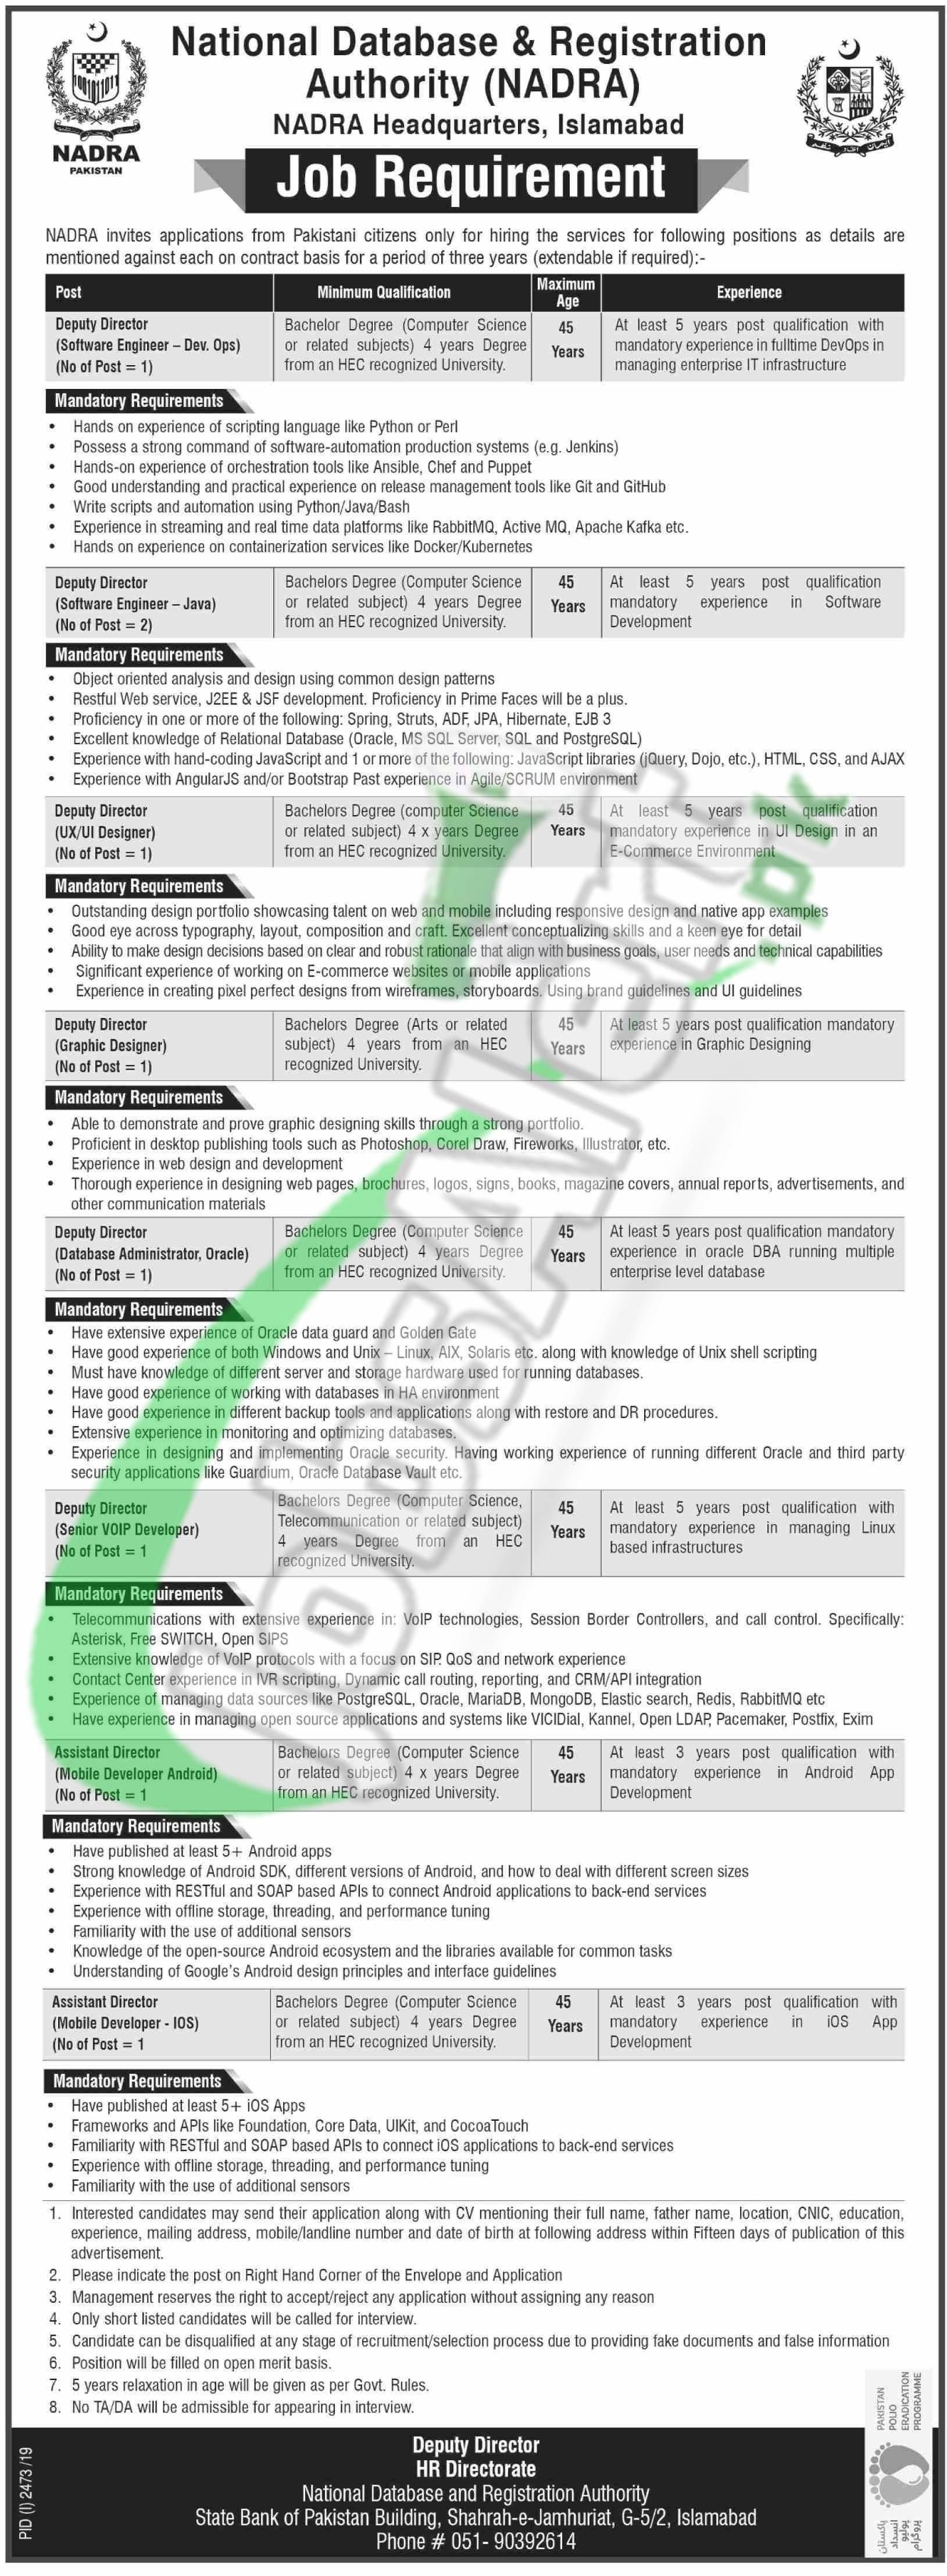 NADRA Jobs in Islamabad 2019